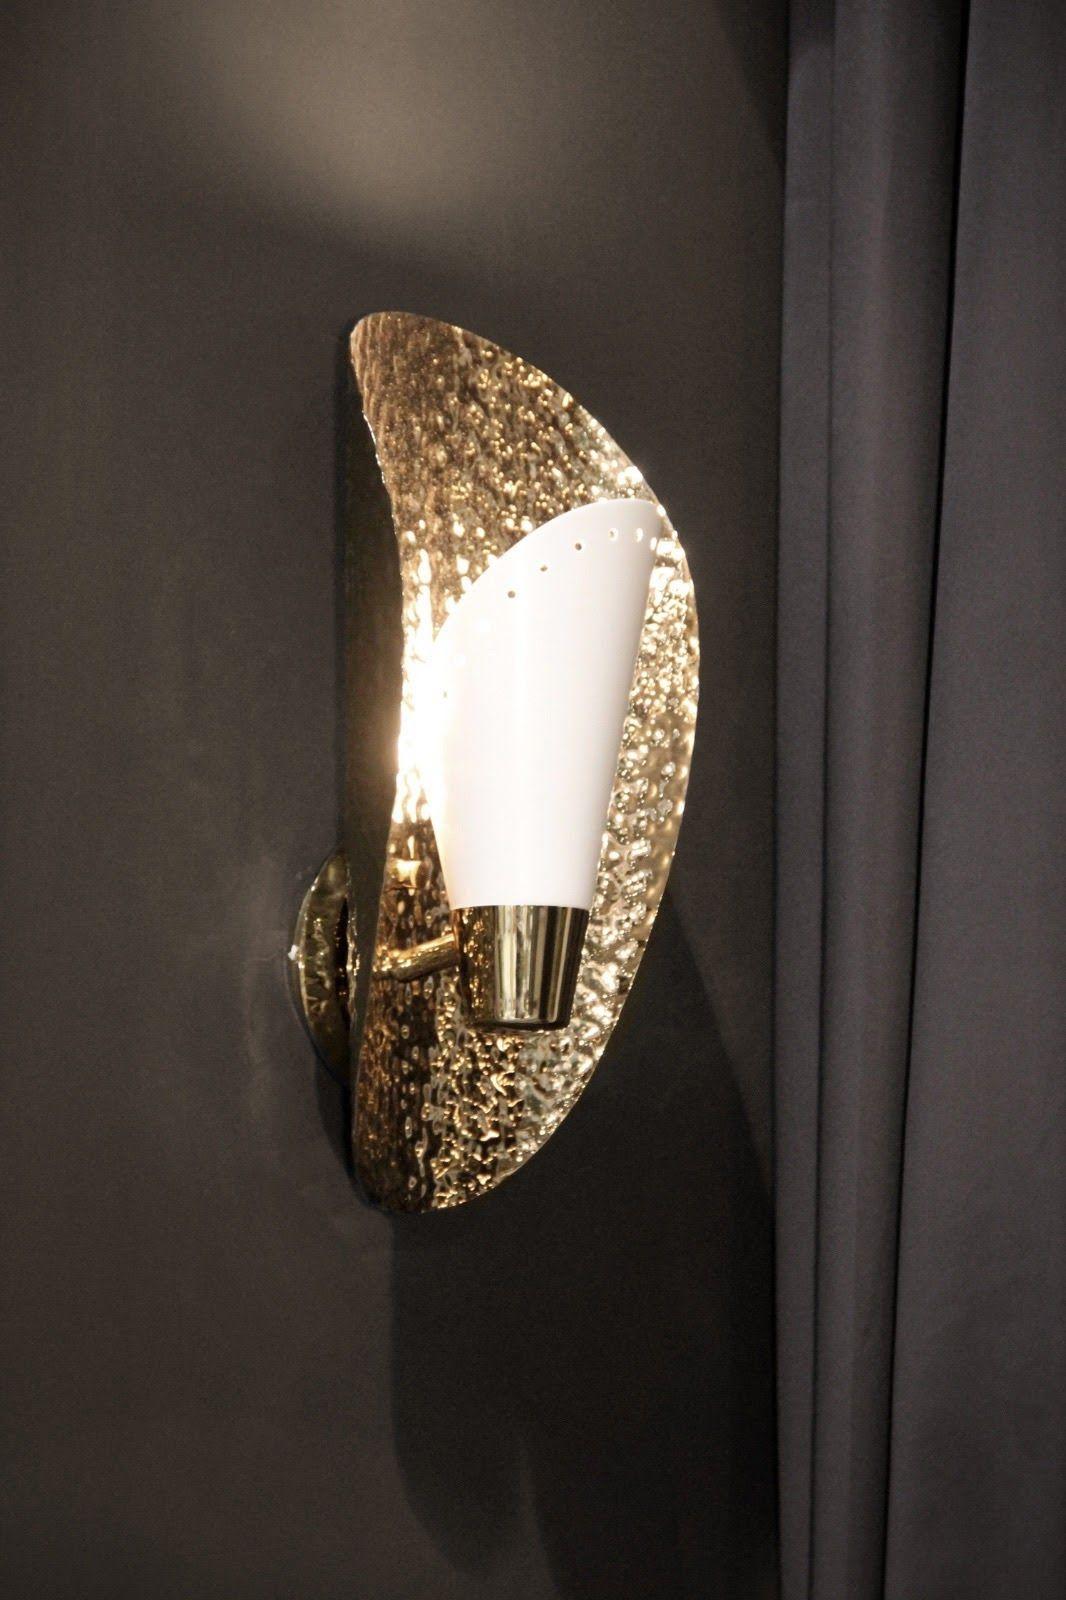 Wohndesign möbel pantone farben einrichtungsideen minimalismus design modernes design